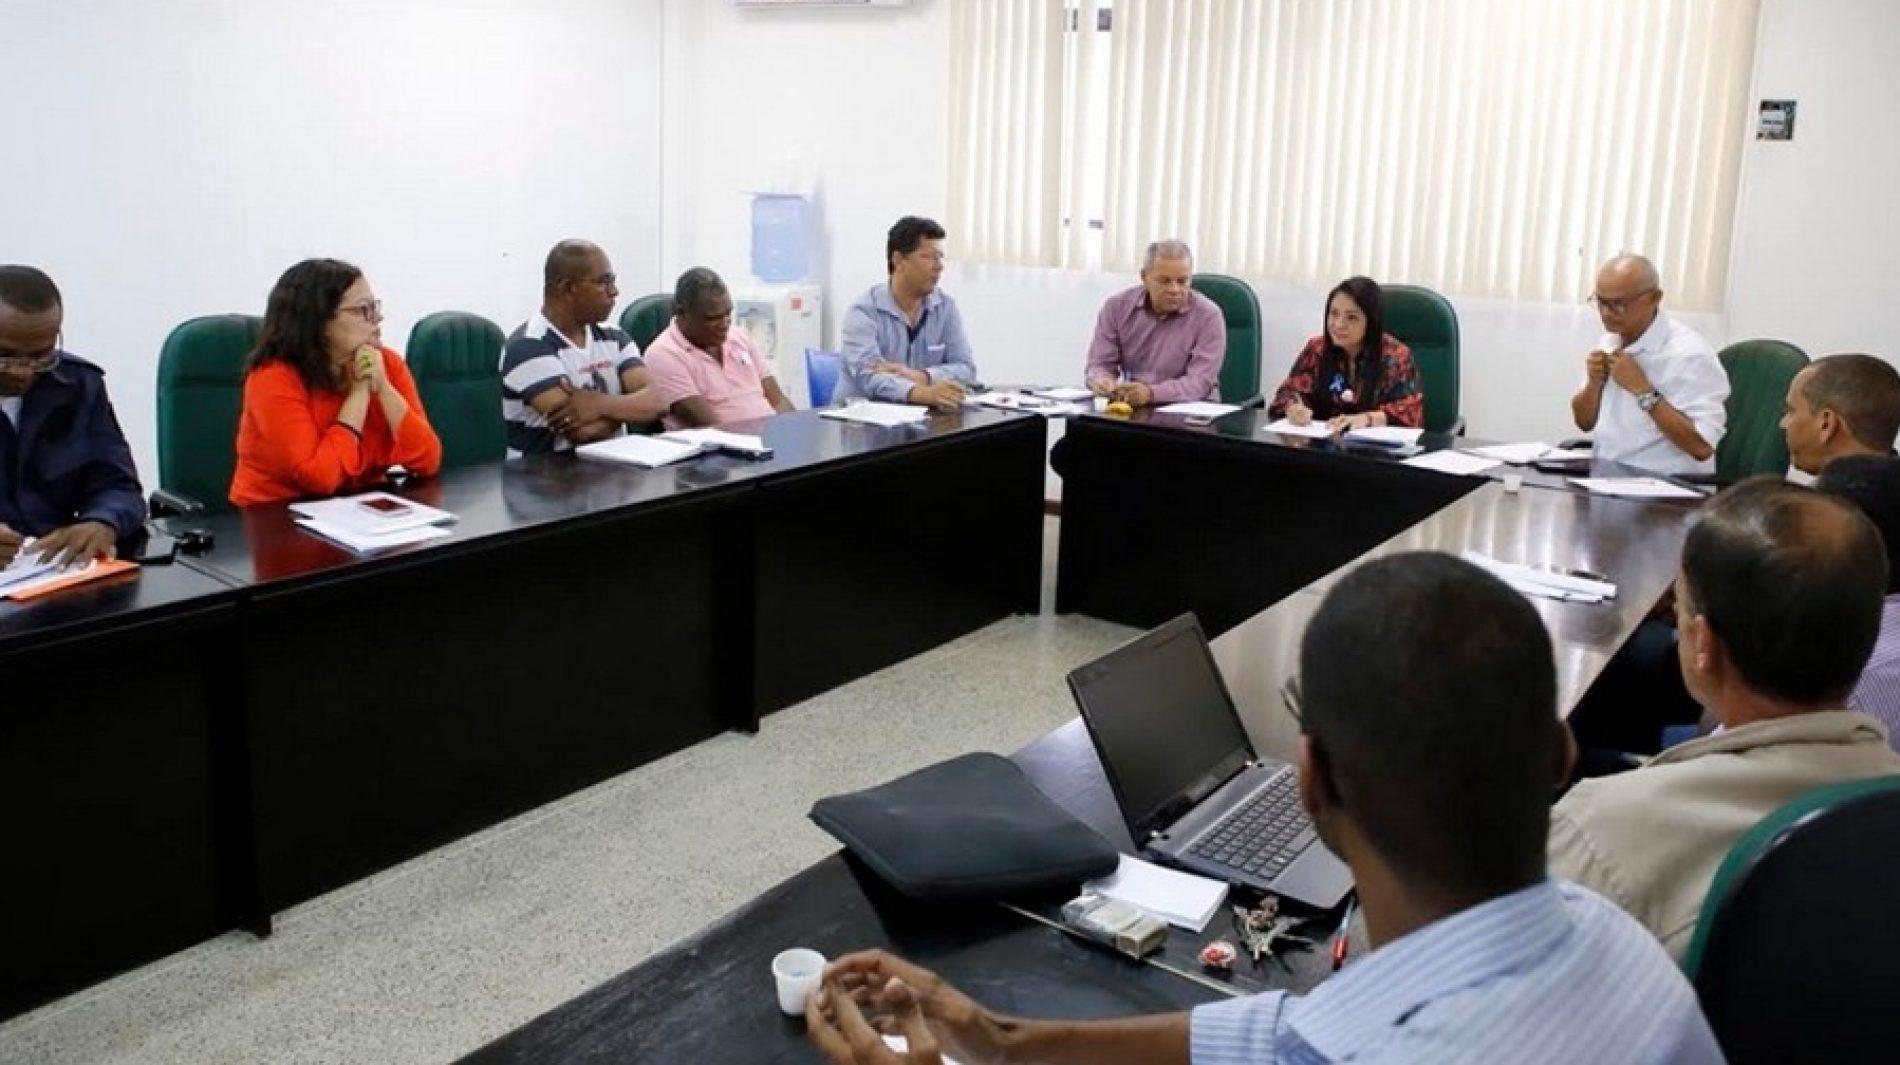 Lauro de Freitas: Moema atende servidores e altera projeto de emenda à lei das incorporações